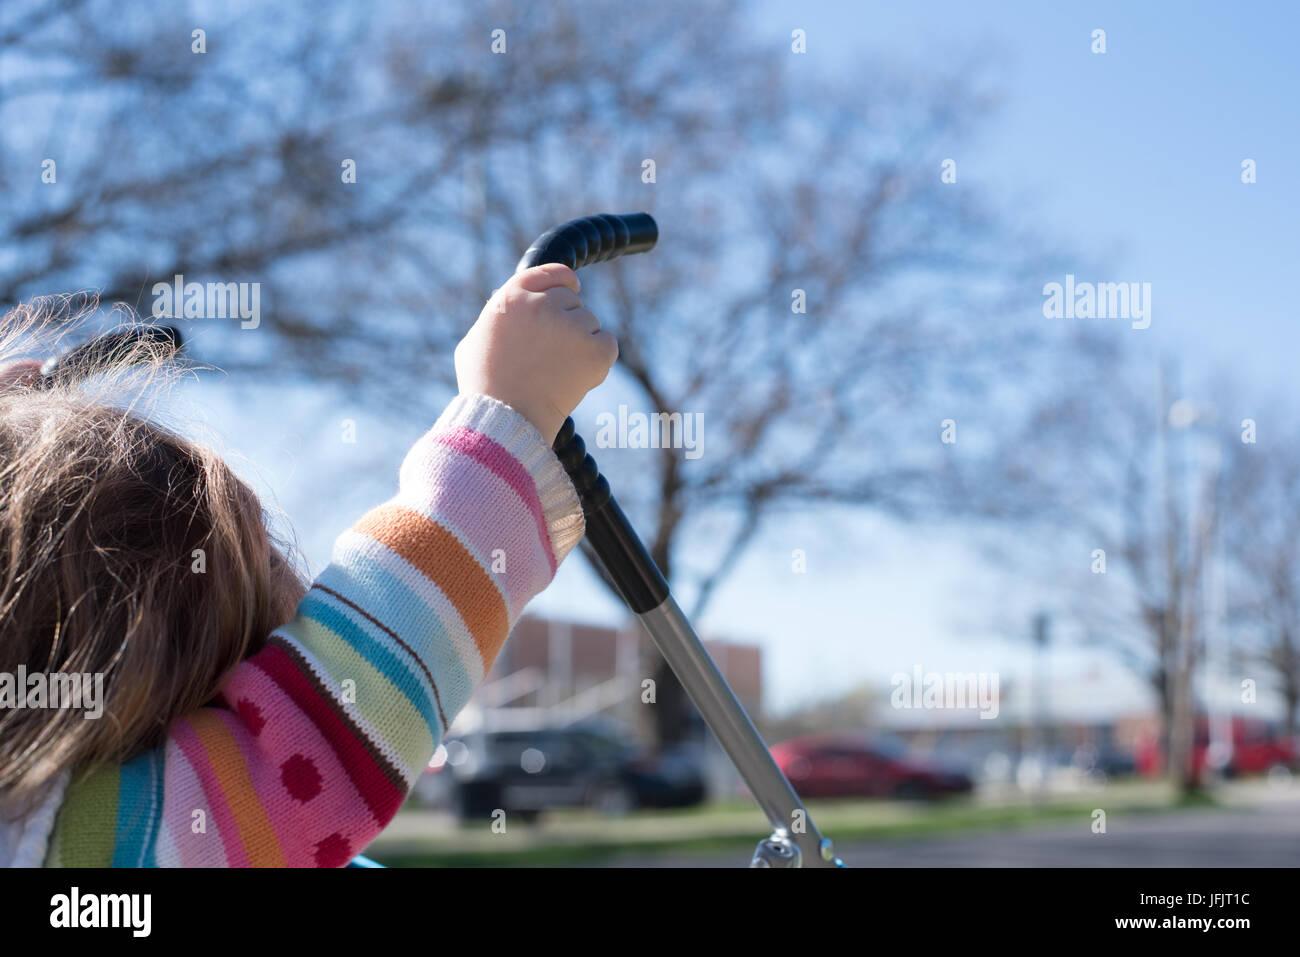 Une petite fille pousse une poussette avec juste sa petite main et la tête visible. De l'arrière. Photo Stock